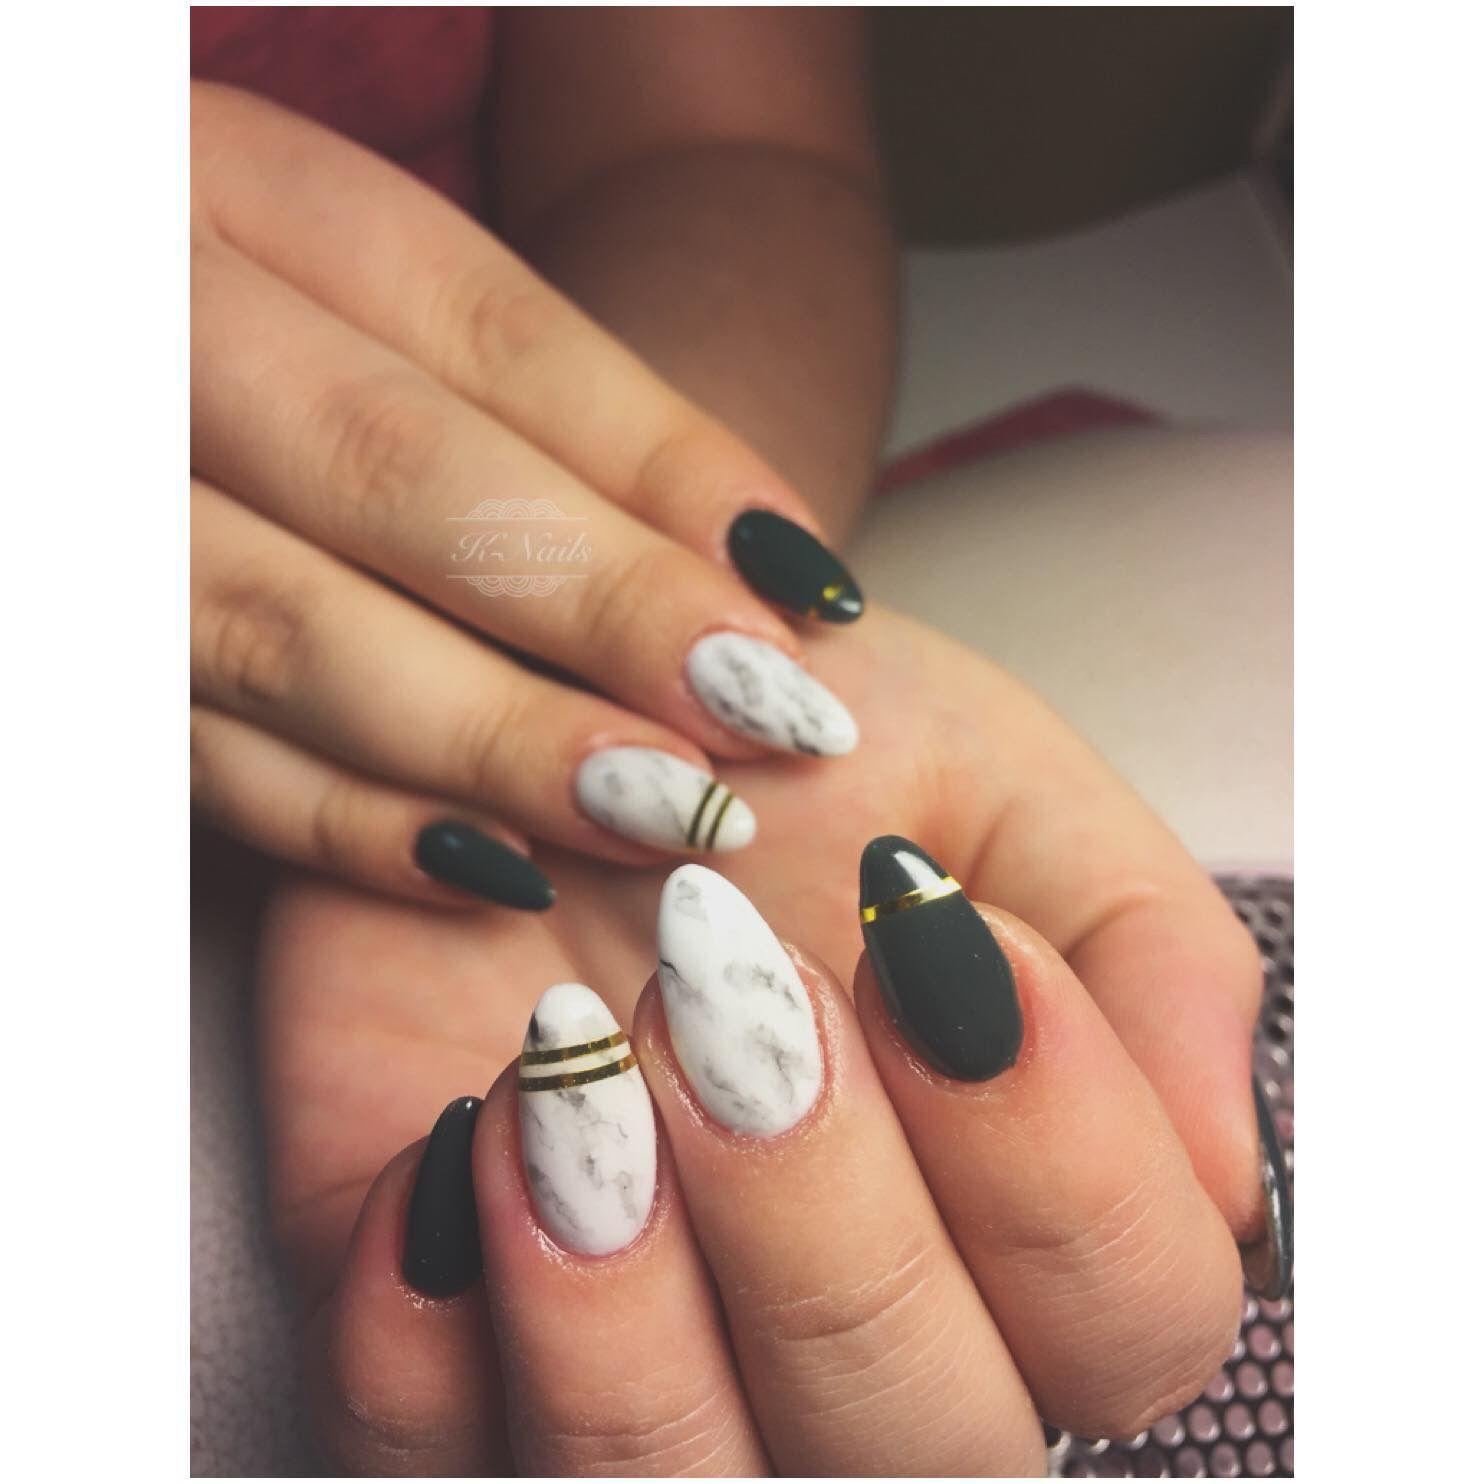 marmor nails nails pinterest. Black Bedroom Furniture Sets. Home Design Ideas